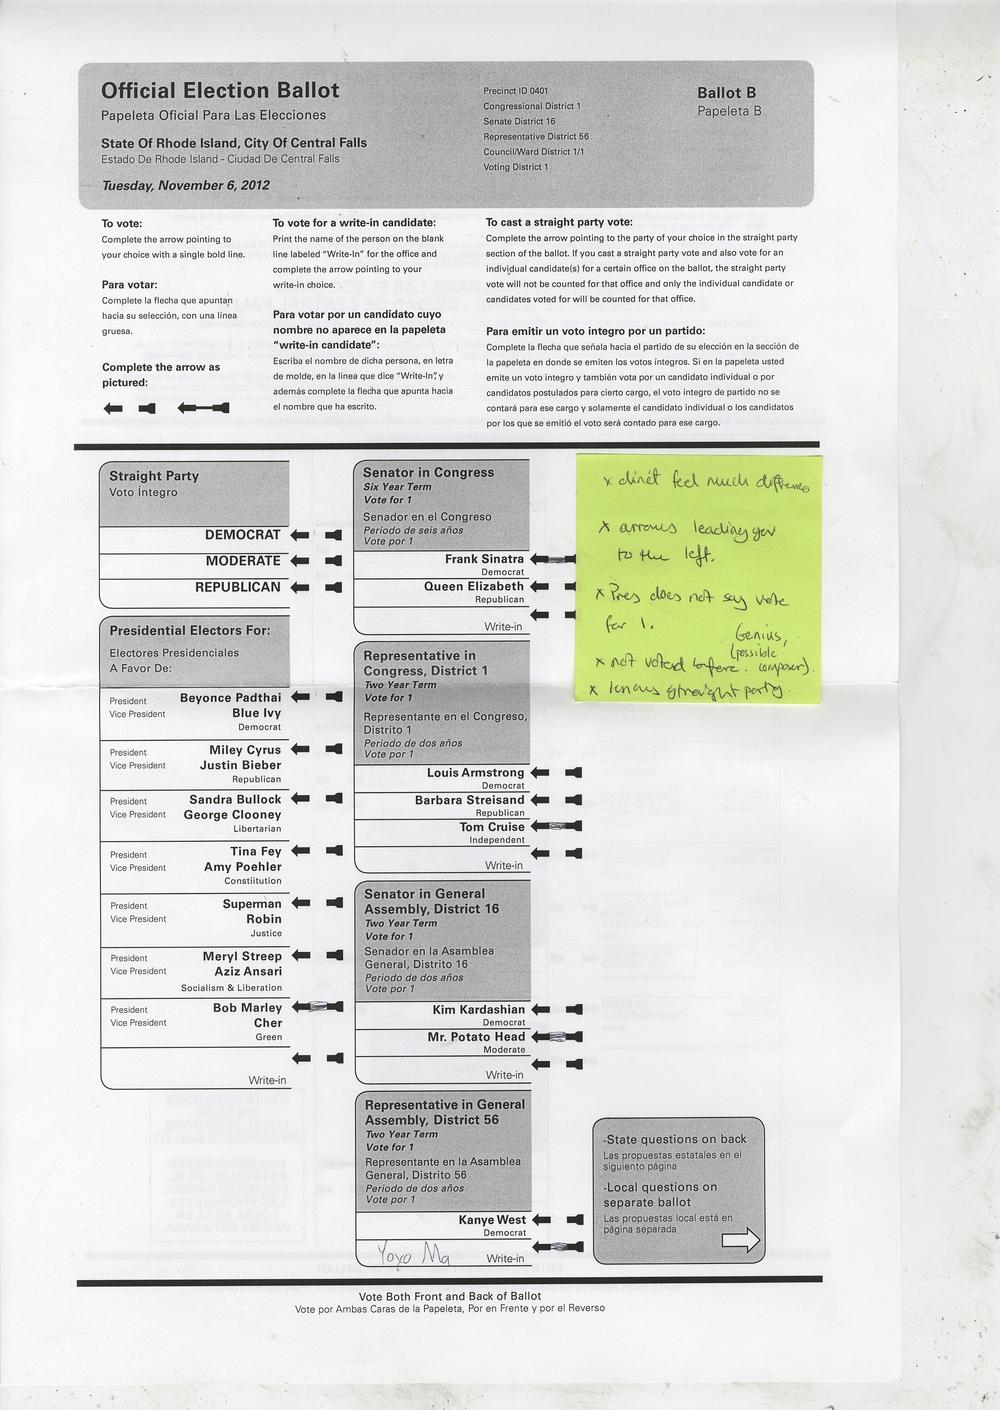 ballot3.jpg